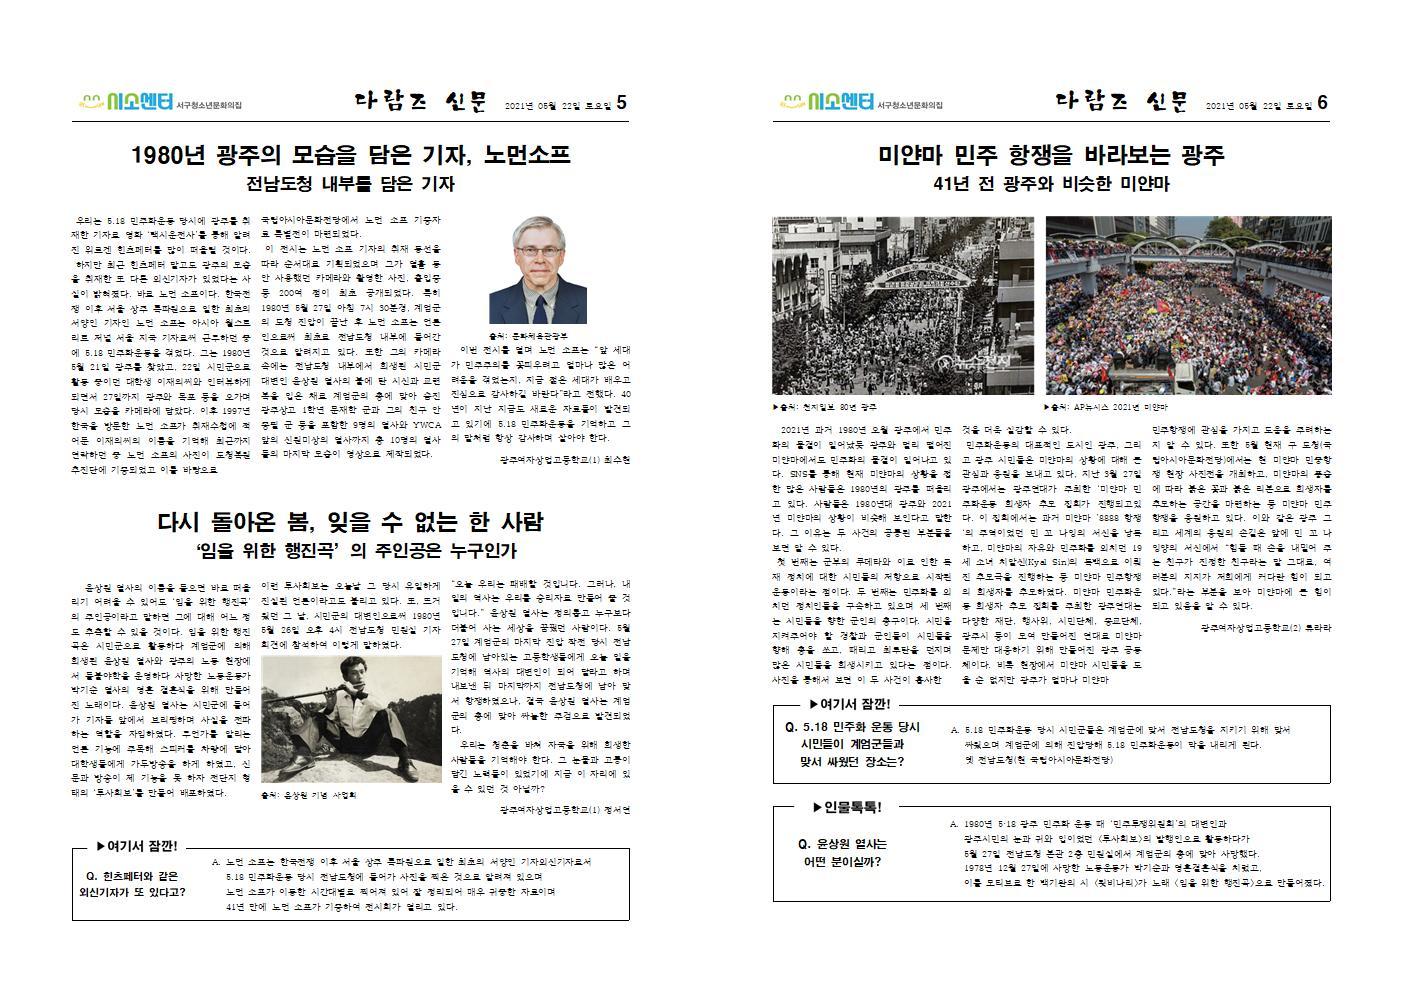 [최종] 다람즈 신문003.jpg